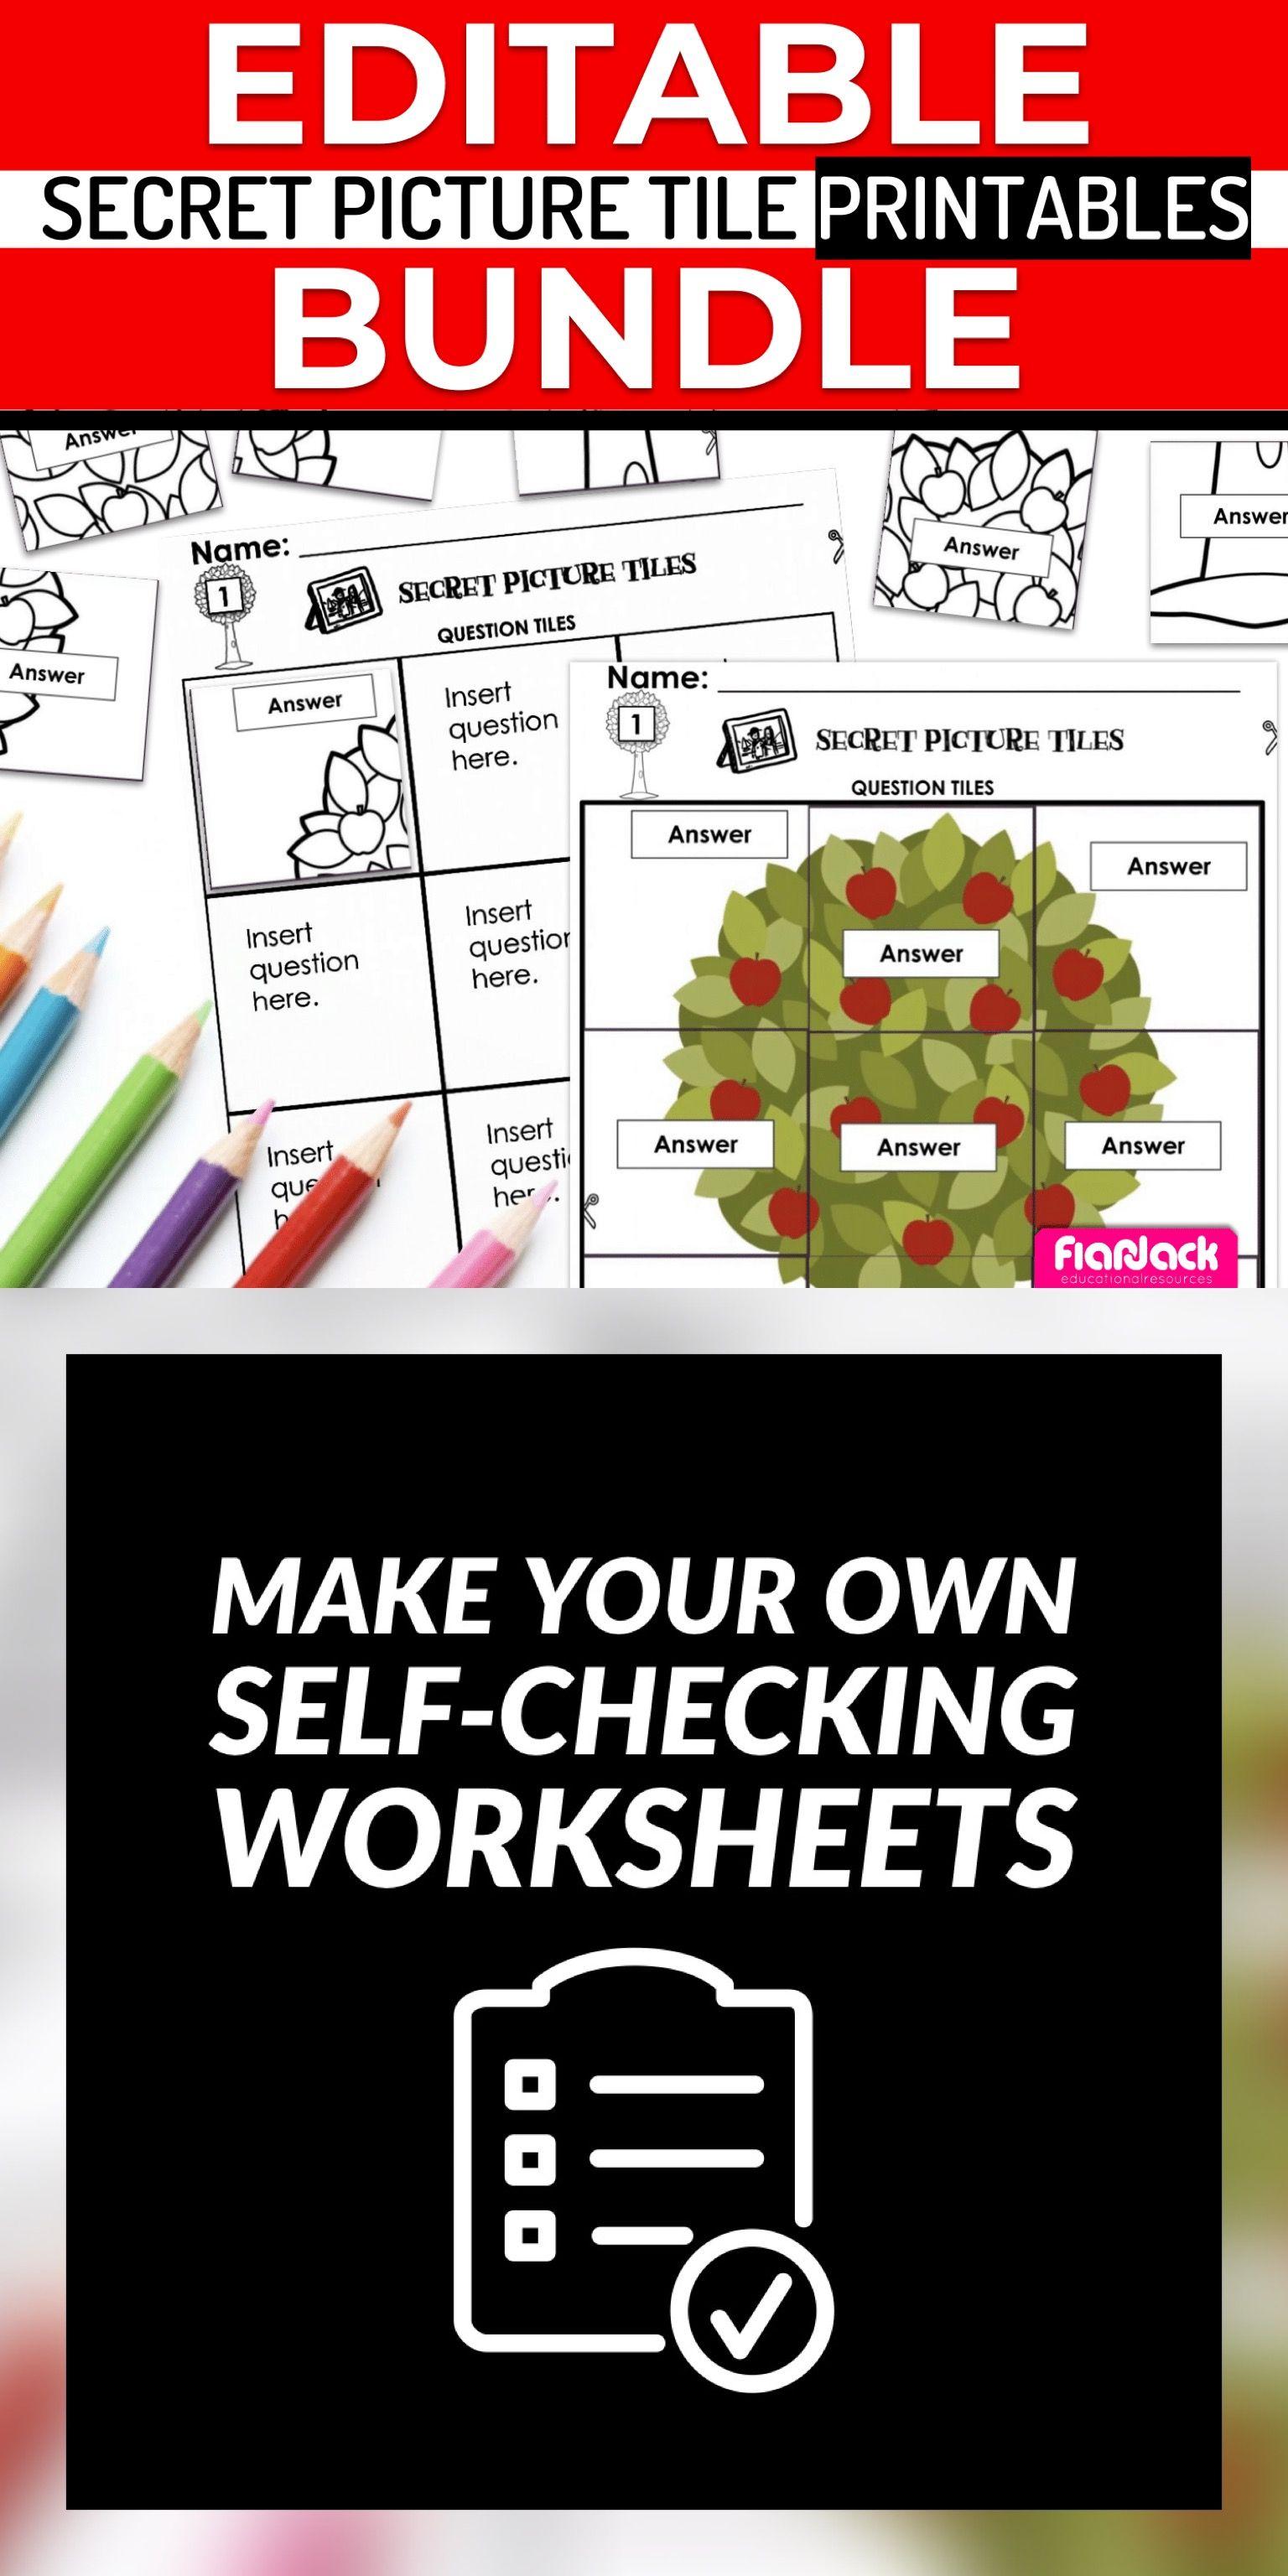 Editable Secret Picture Tile Printables Growing Bundle